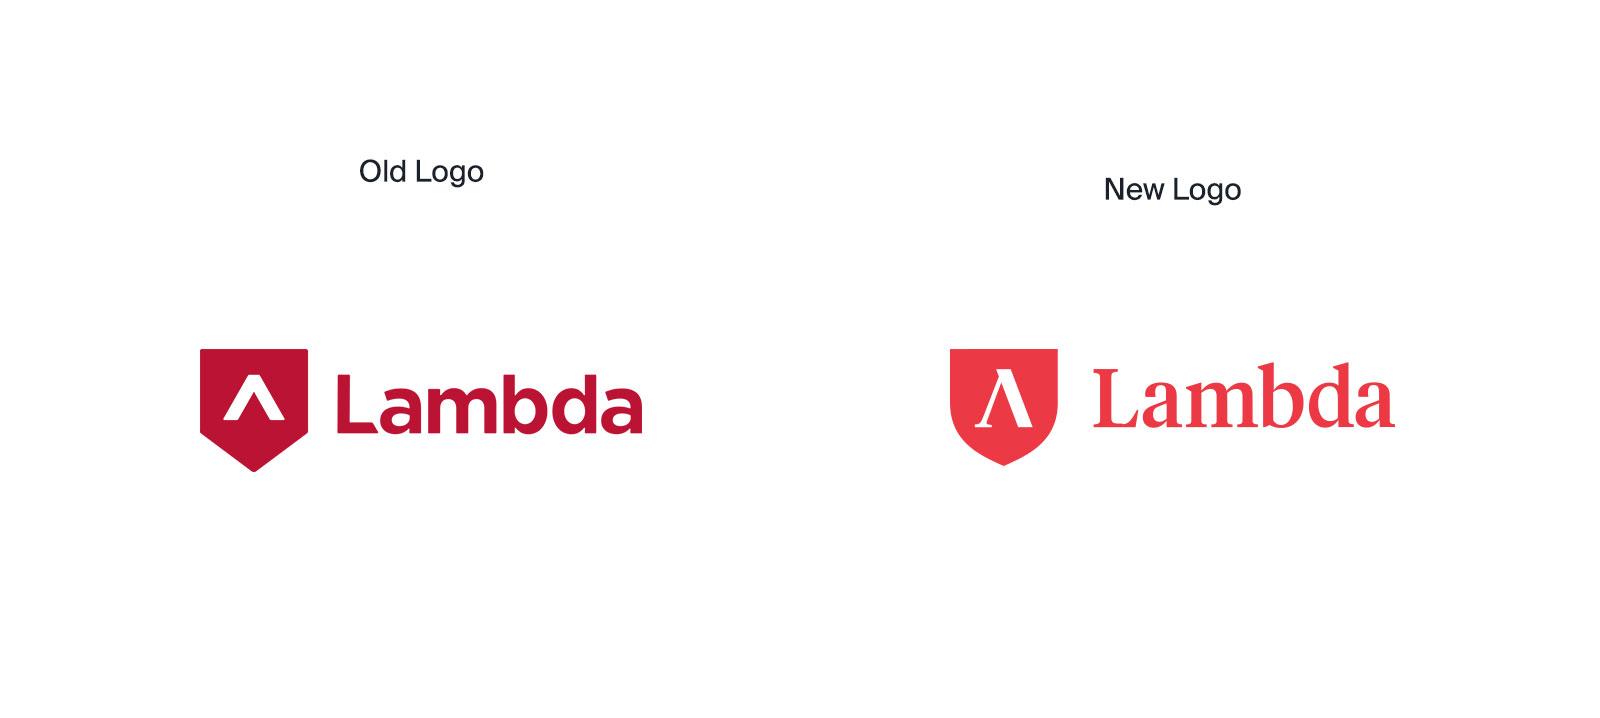 Lambda's old logo vs new.